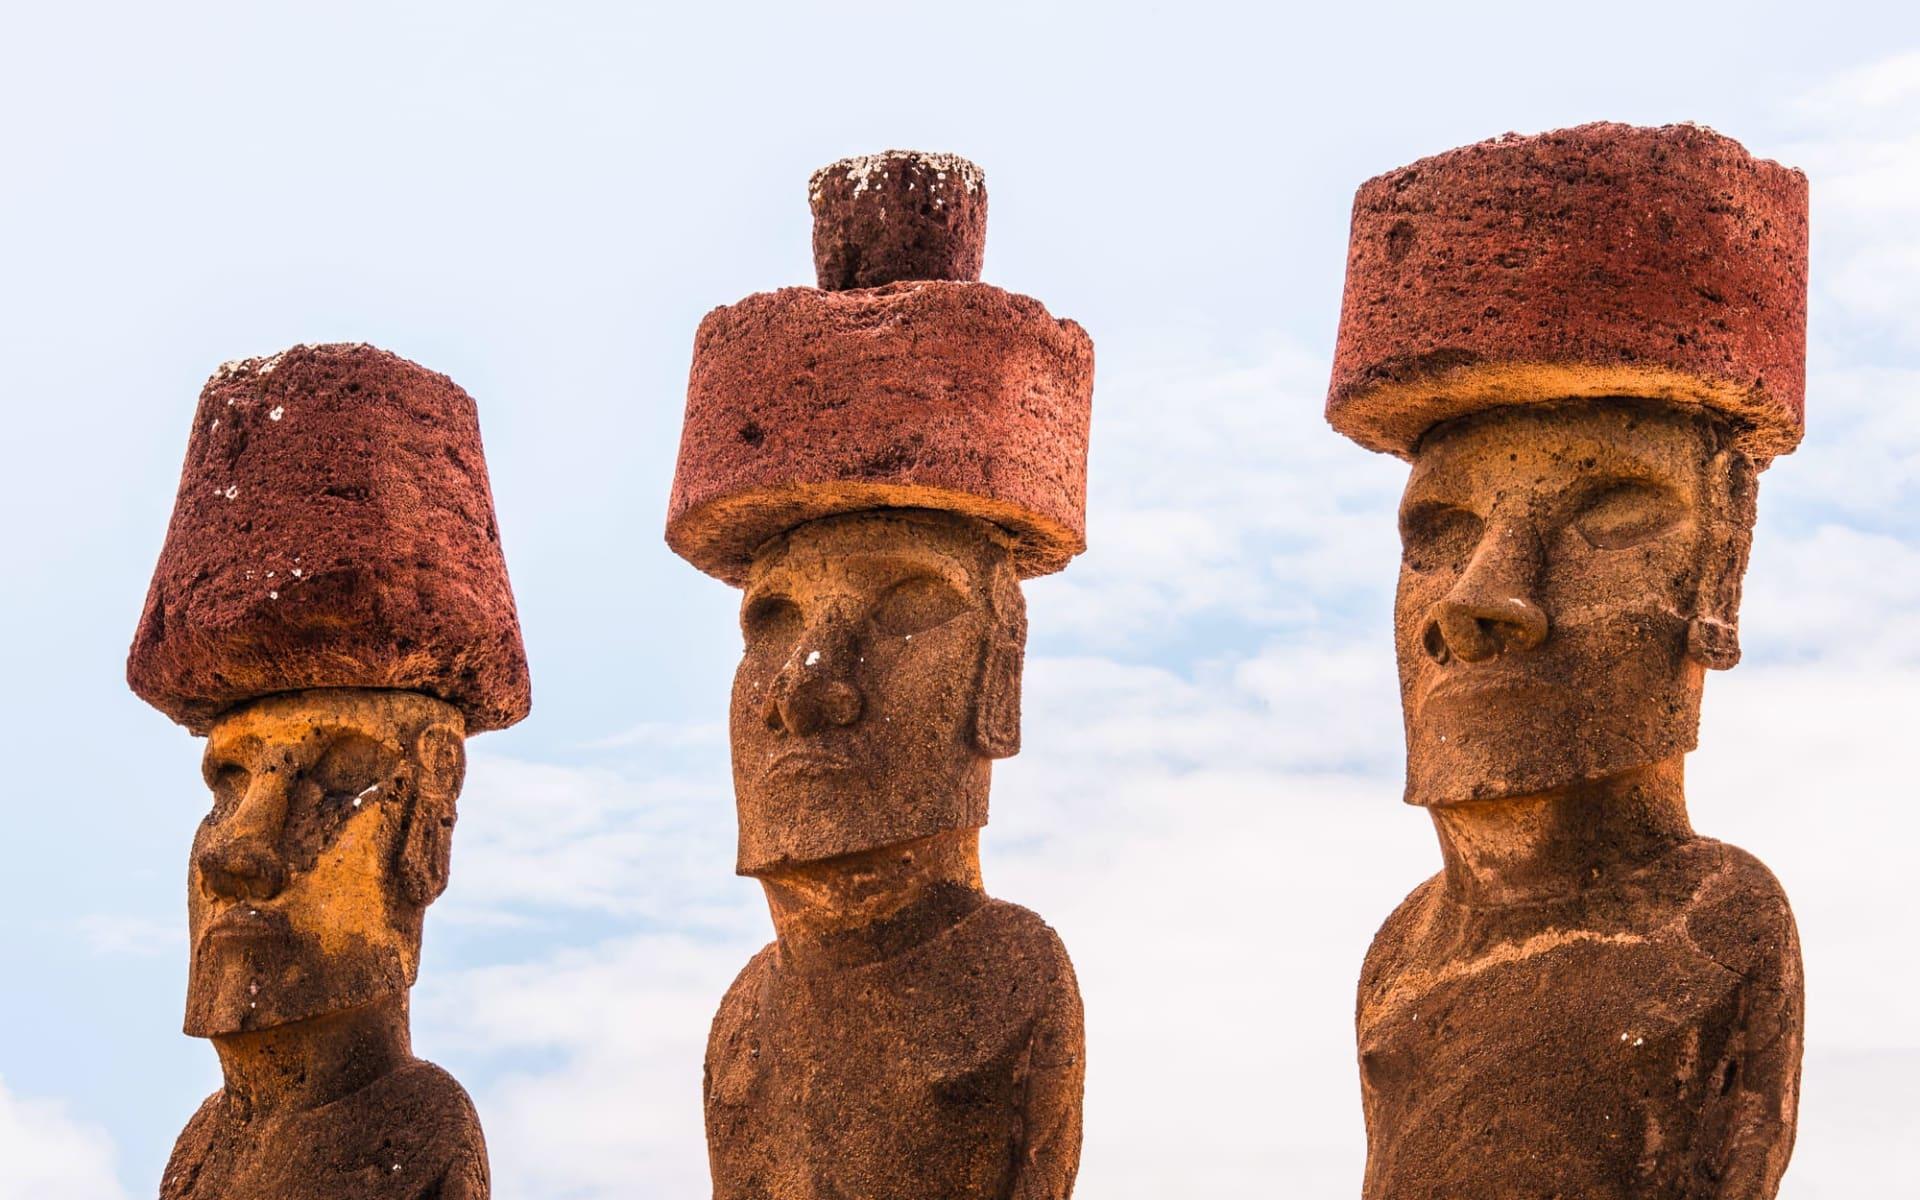 Zubucherreise Osterinsel - Ahus und Moaiis ab Hanga Roa: Drei Moais